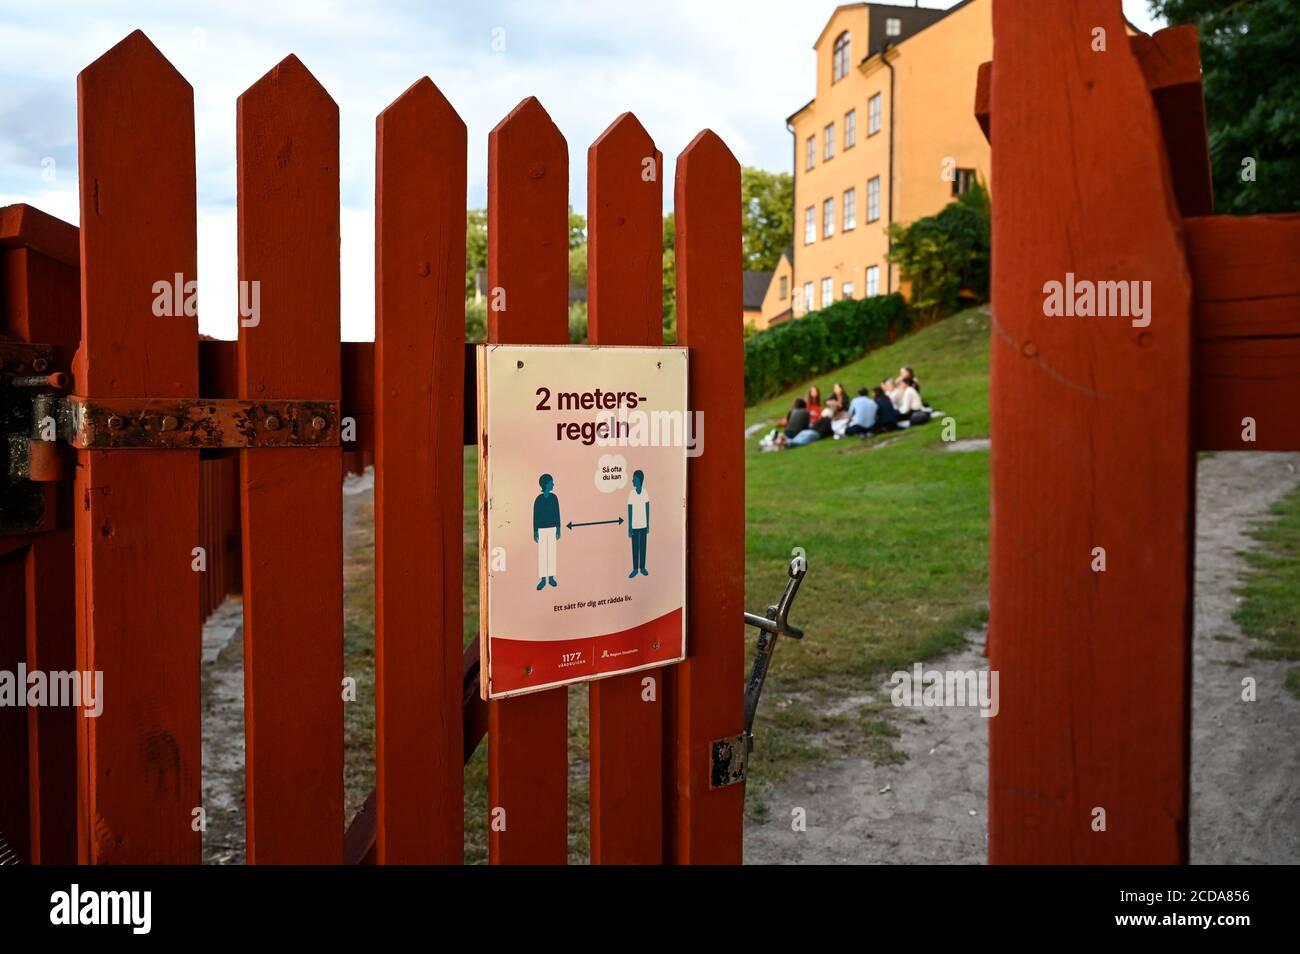 SUECIA, Estocolmo, pandemia de corona, enfermedad covid 19, sin necesidad de cierre y máscara, pero normas de distancia, entrada de parque público con valla en pintura roja tradicional sueca Foto de stock